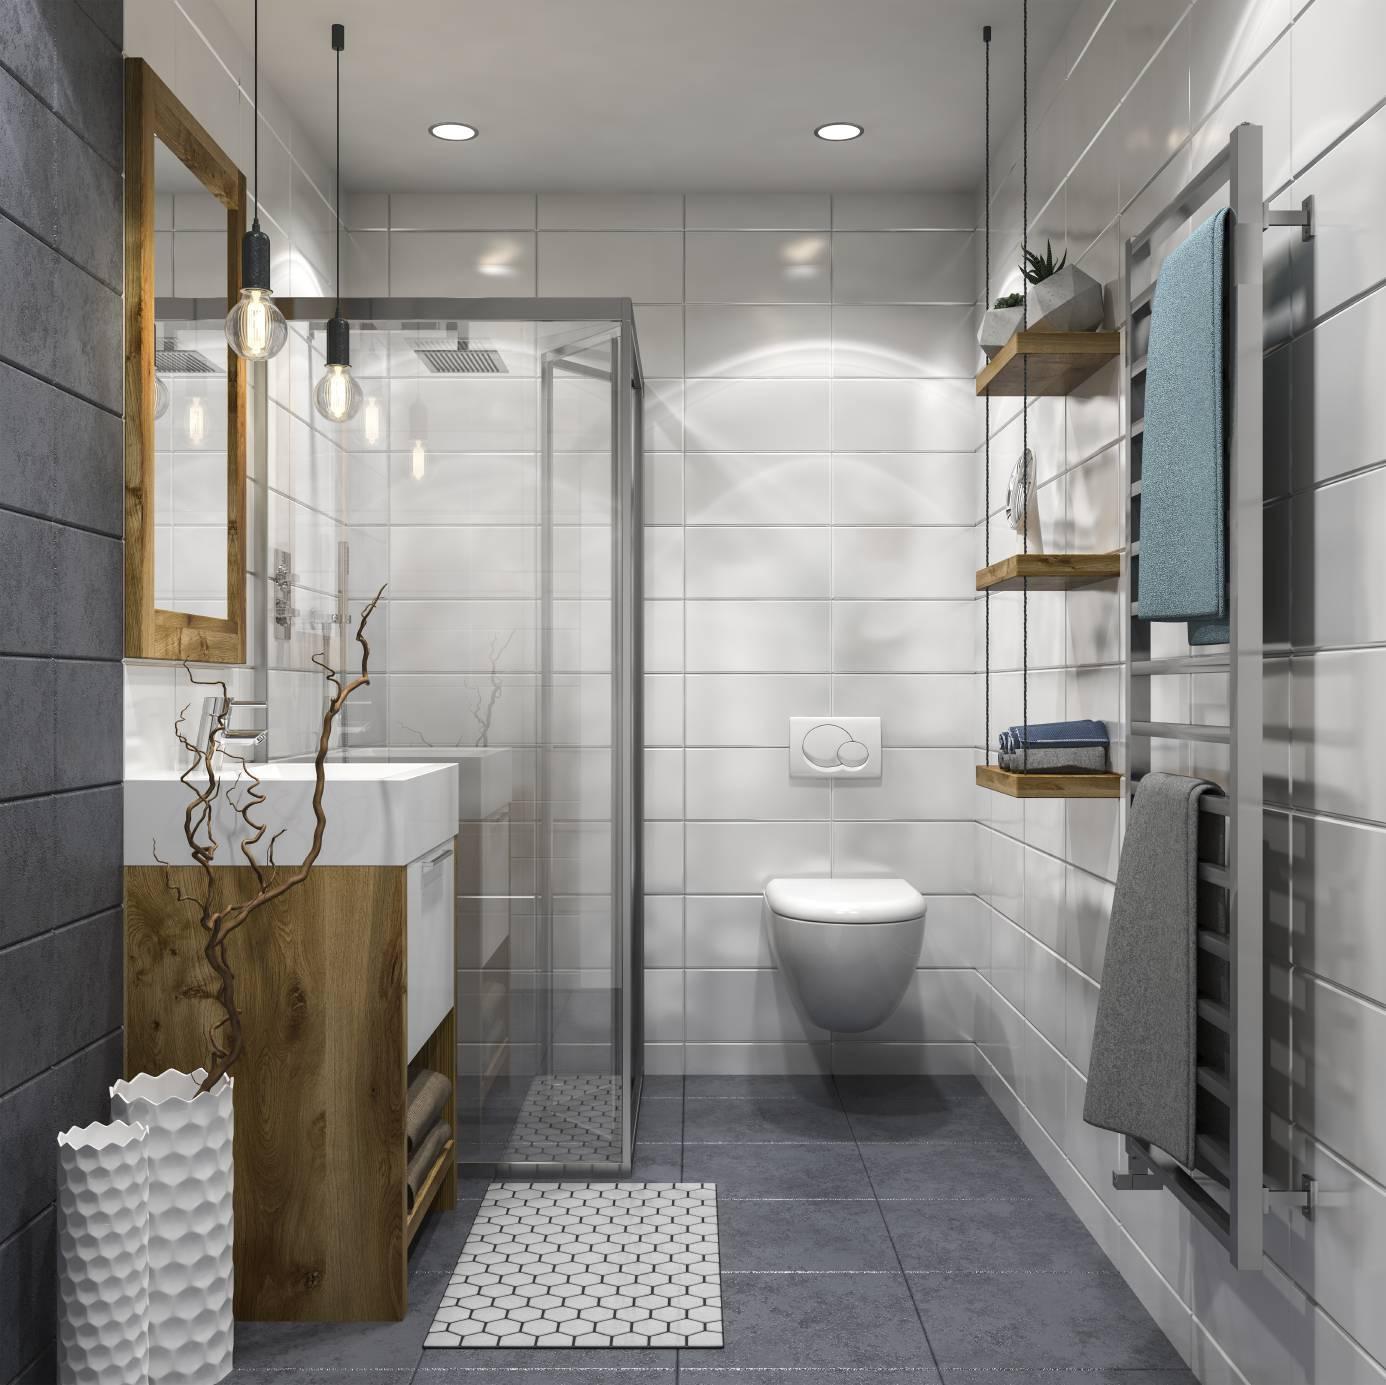 Conseils pour l 39 clairage de votre salle de bains for Luminaires salle de bain